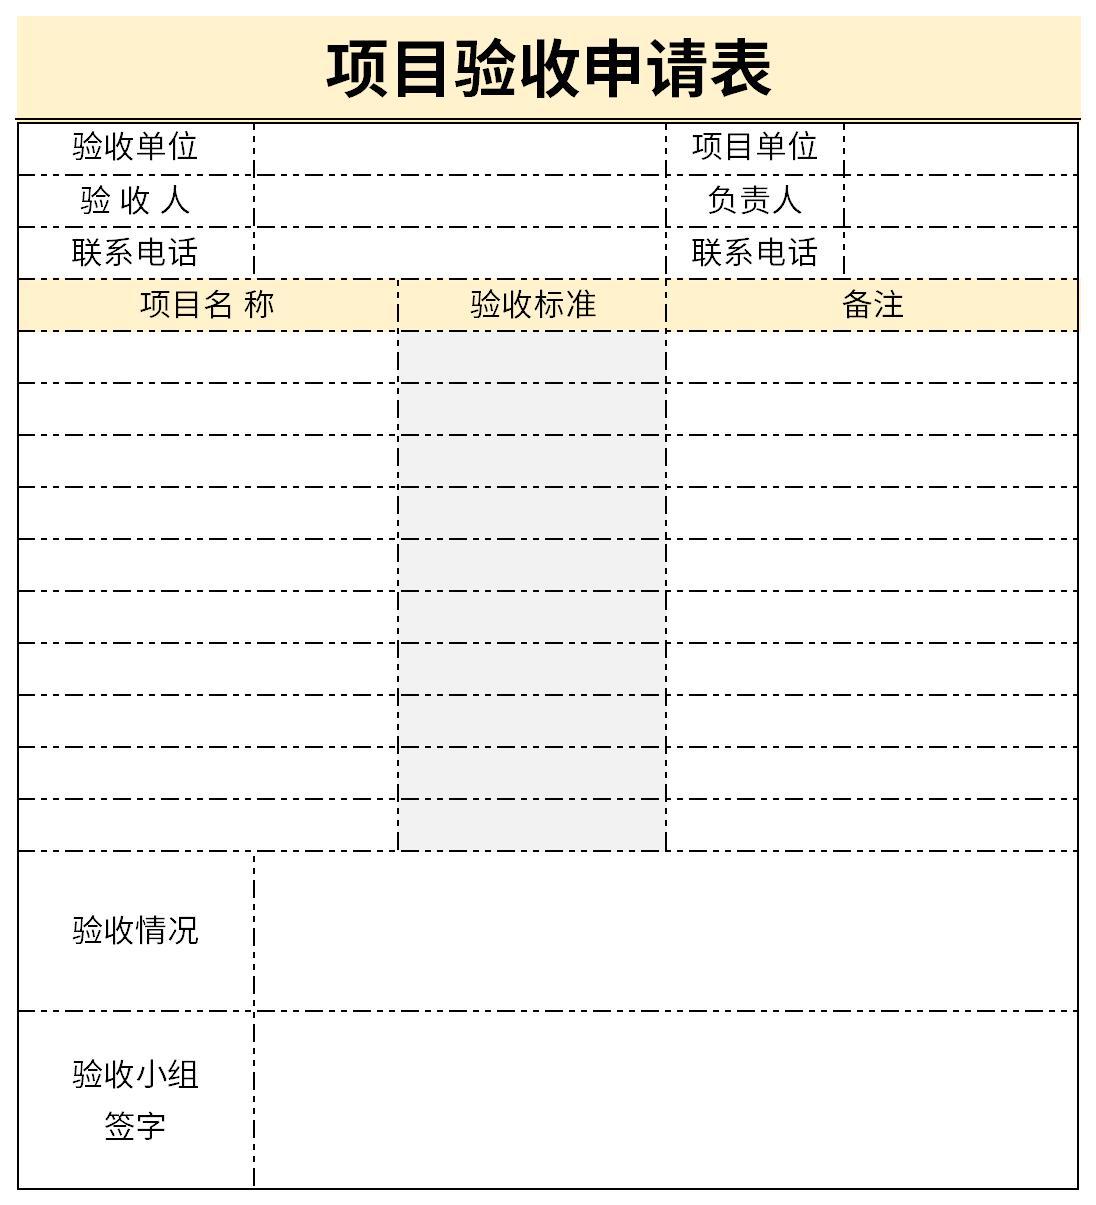 项目验收申请表截图